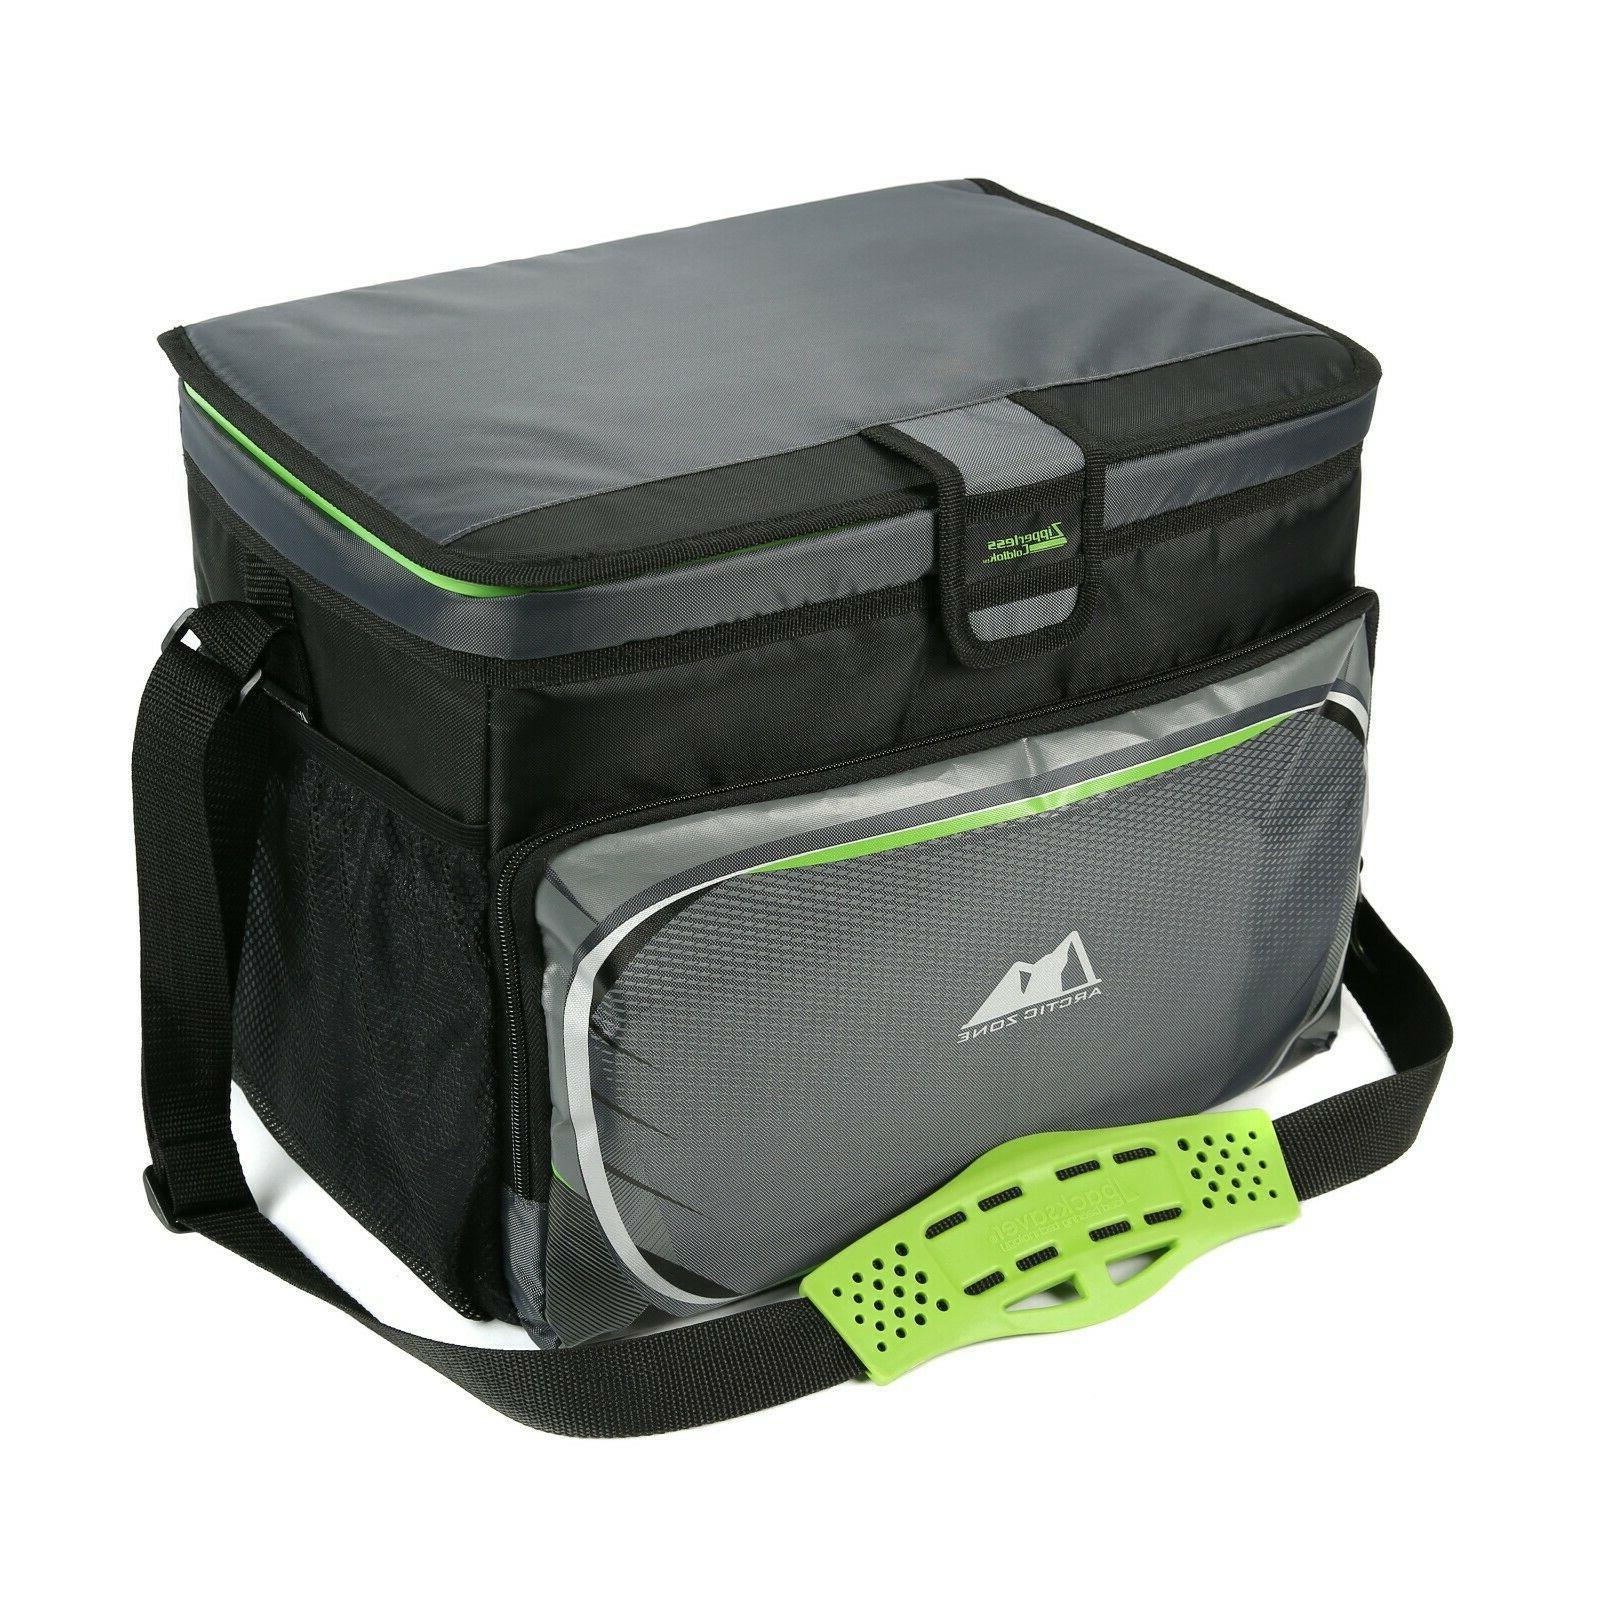 Arctic Cooler, Compliant, Outdoor Sport,